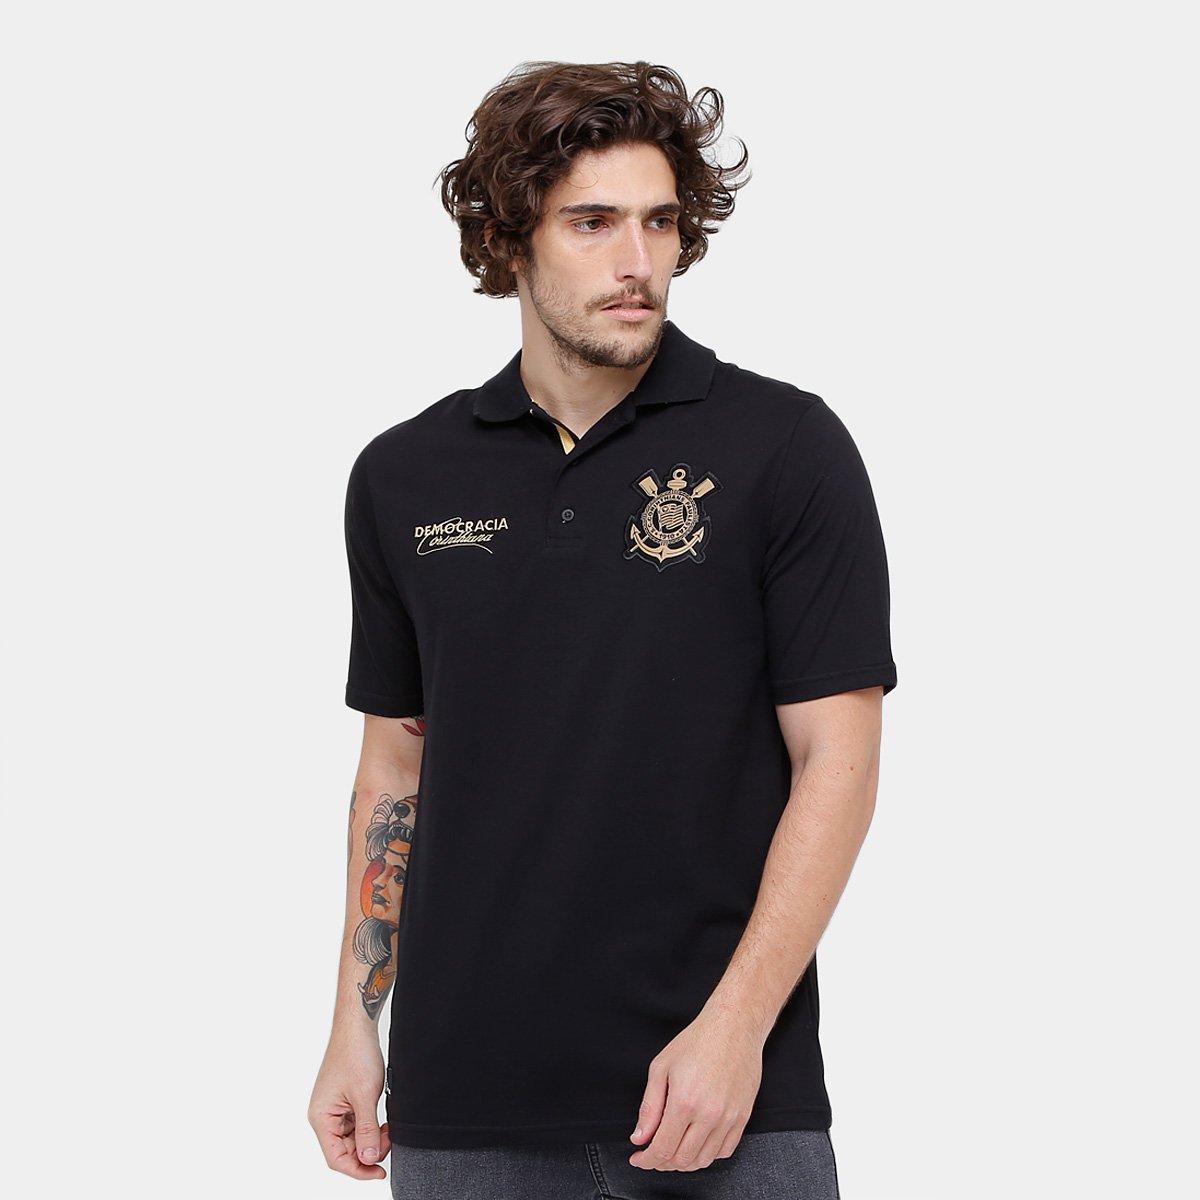 Camisa Polo Corinthians Democracia Corintiana Sócrates Masculina - Preto 7c5548790470c